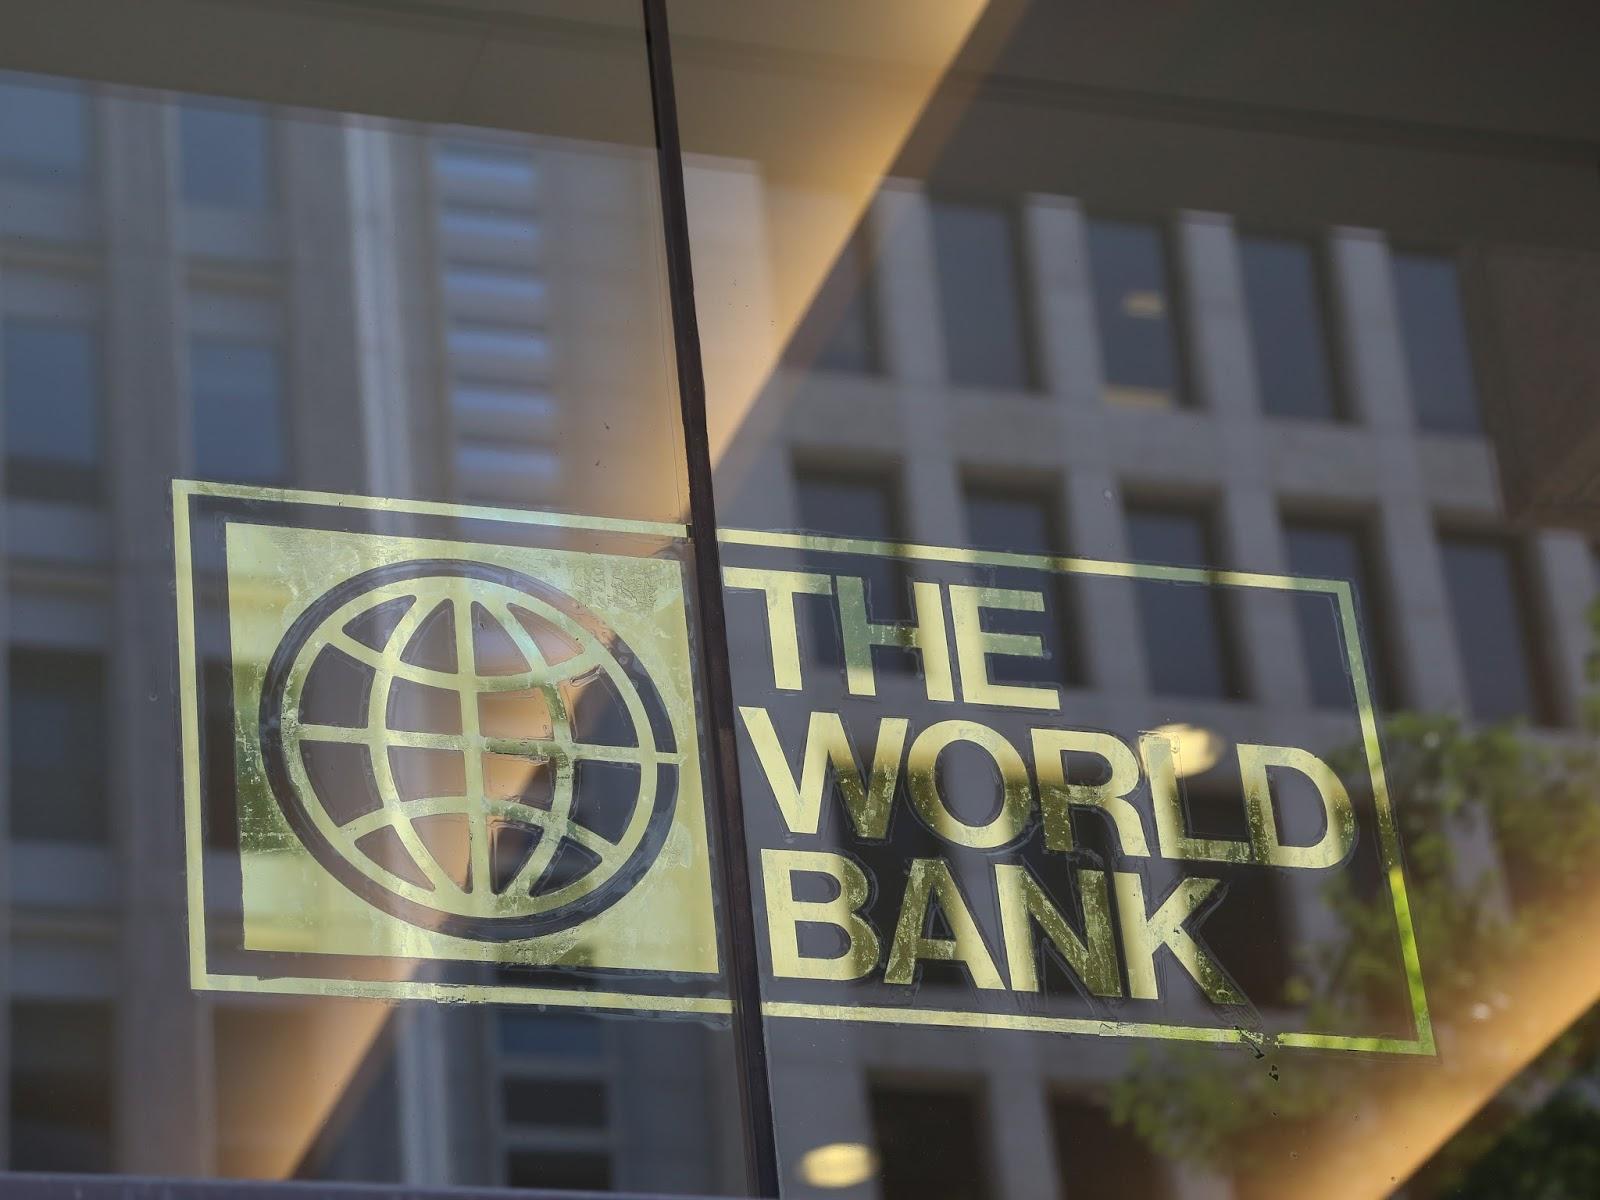 Համաշխարհային բանկ. Համաշխարհային տնտեսության 25%-ից ավելին բաժին է ընկնում ԱՄՆ-ին